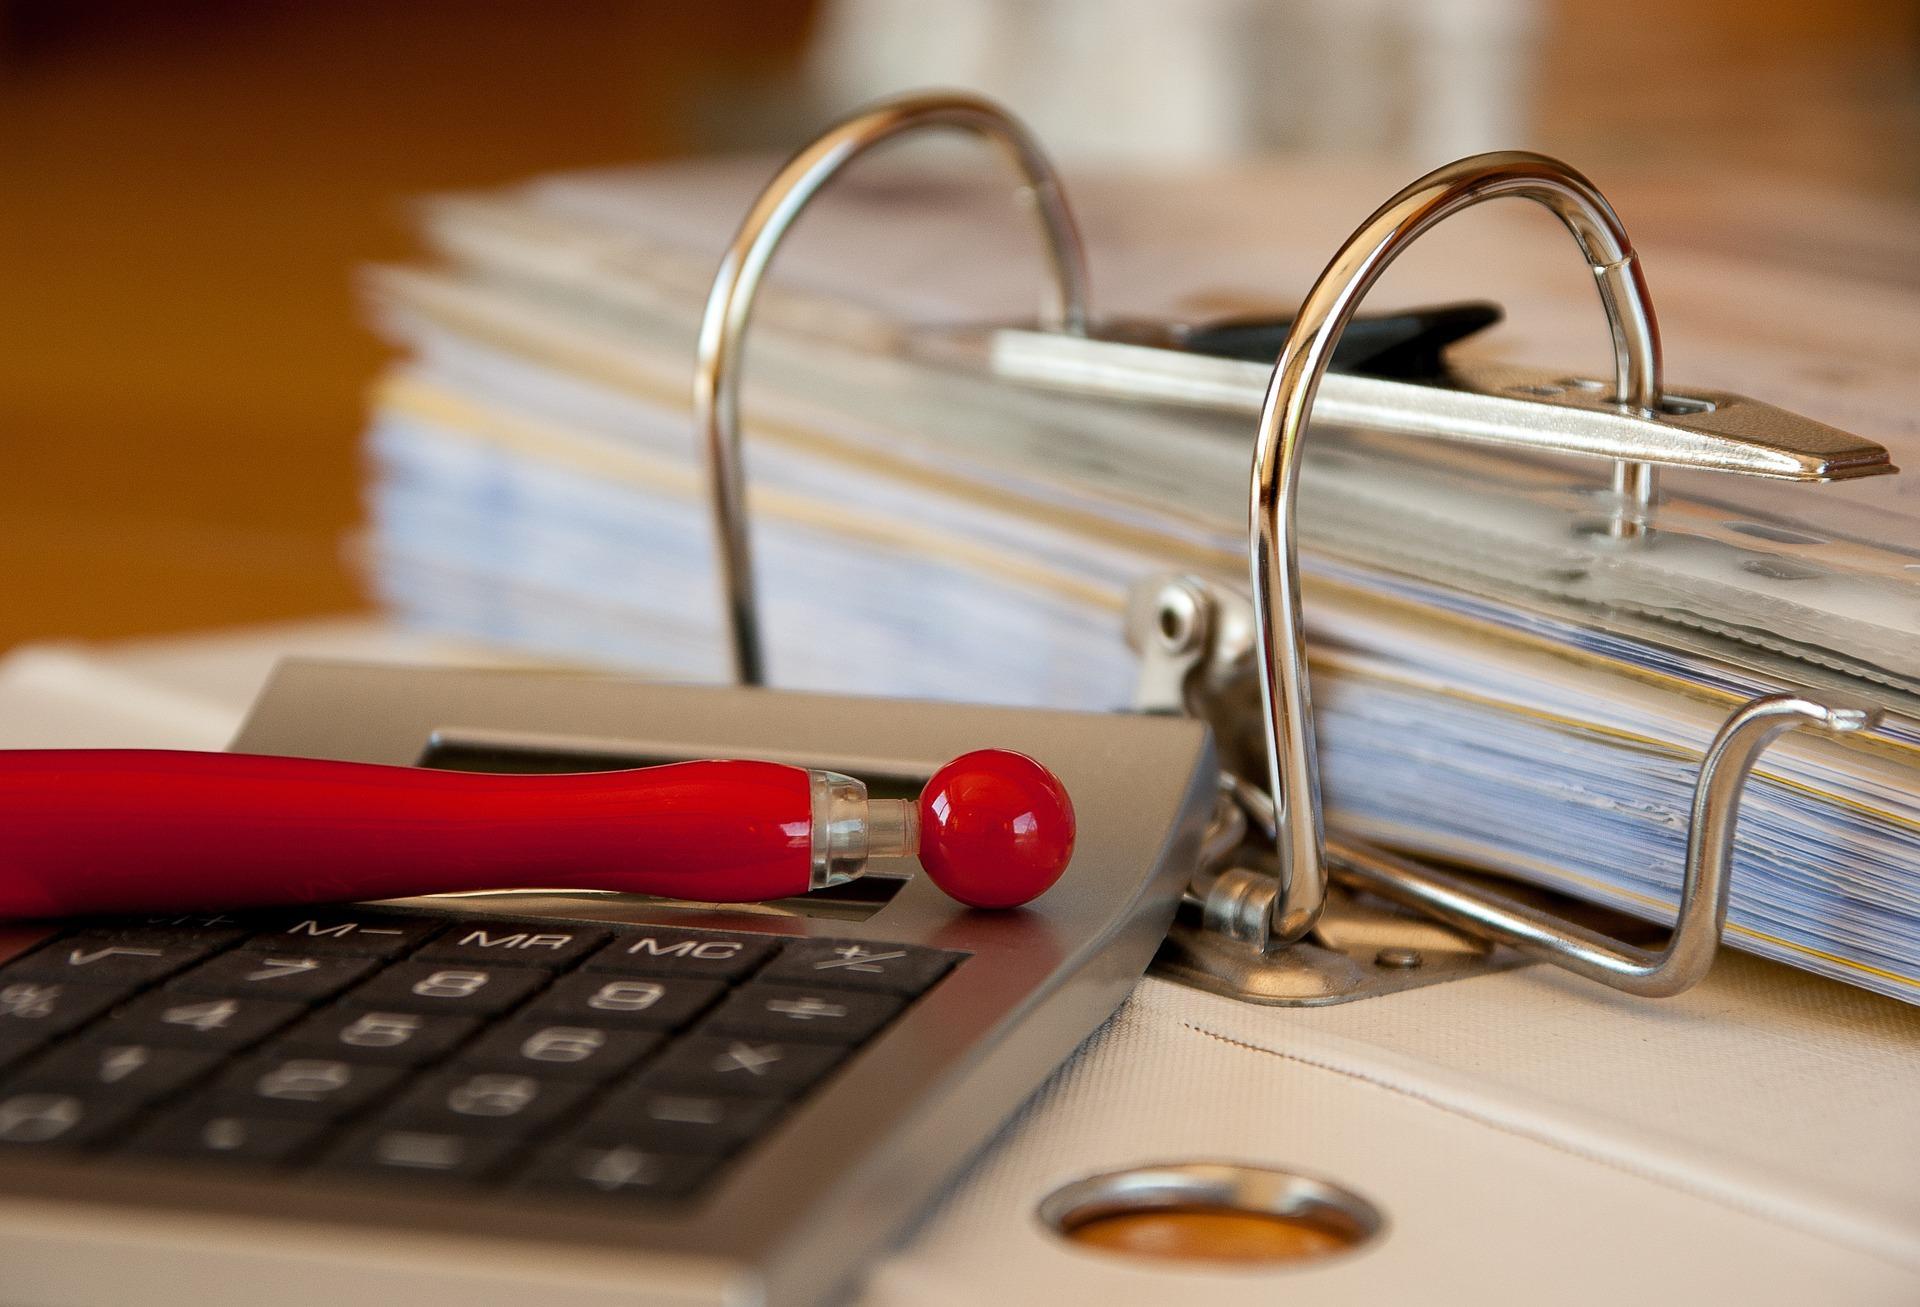 Quelles sont les différentes solutions pour gérer la paie en entreprise?